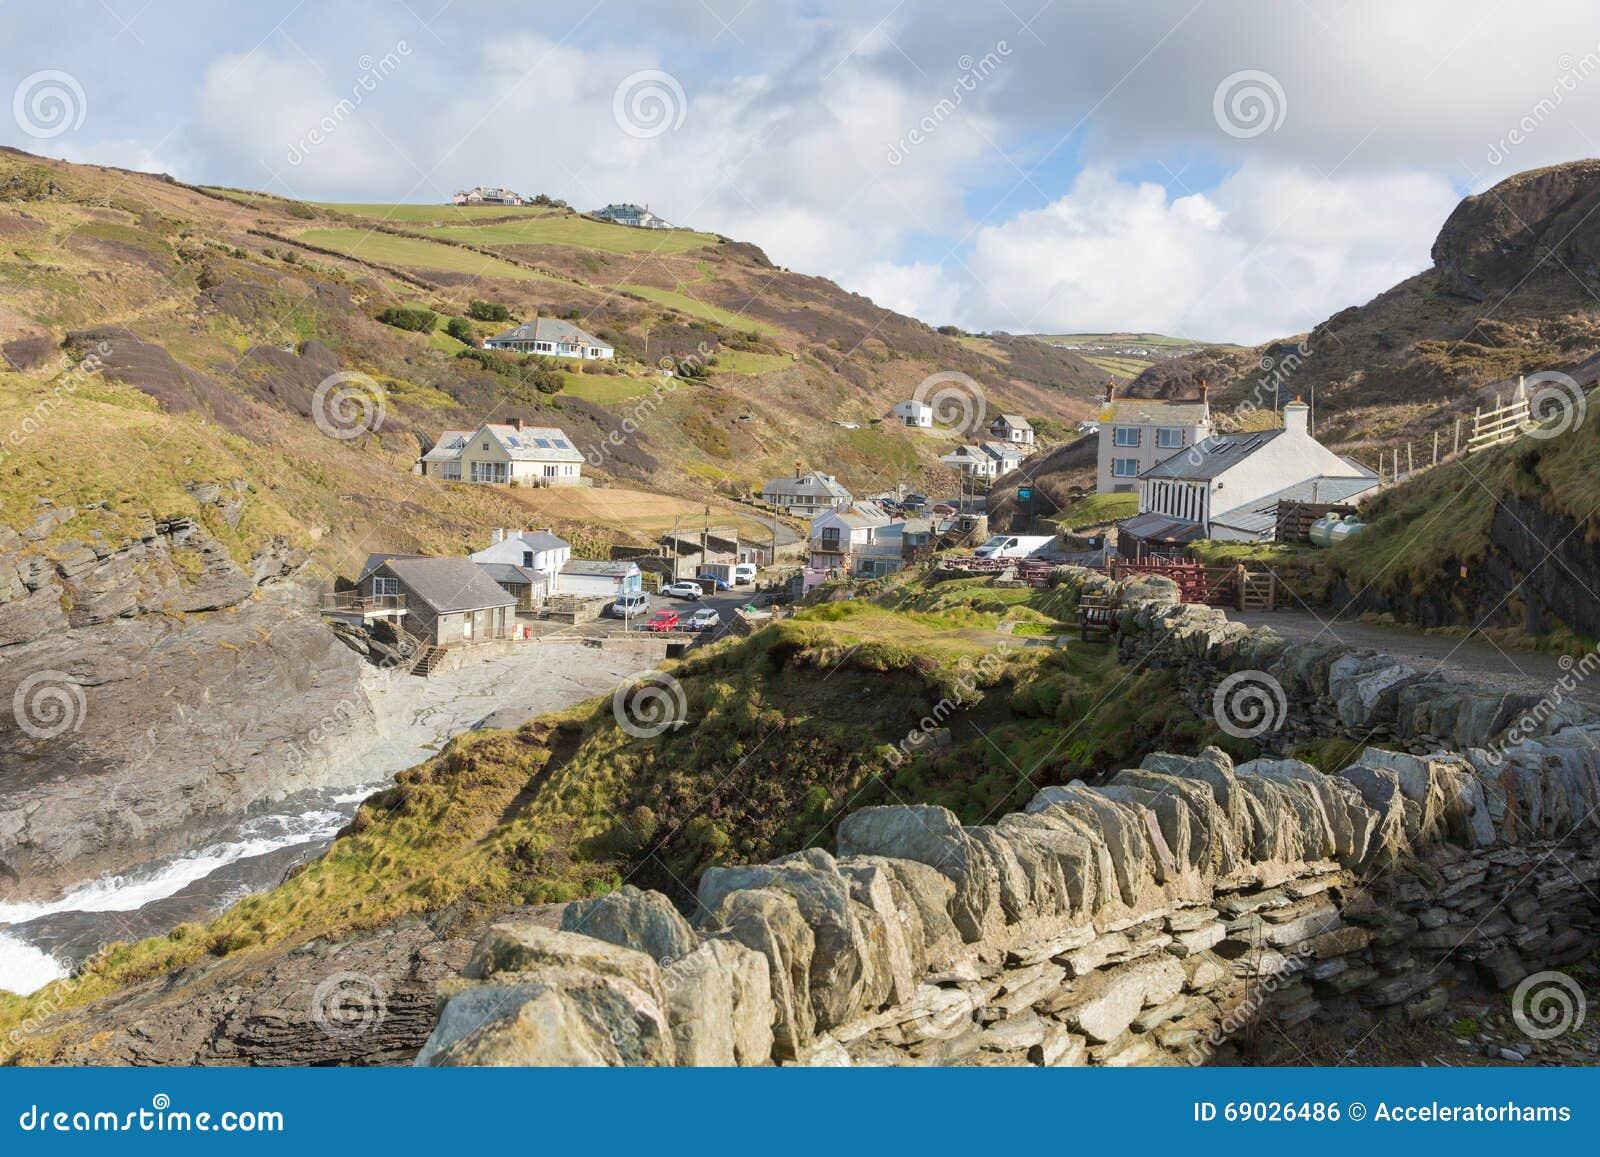 Pueblo BRITÁNICO del norte de la costa de Cornualles Inglaterra del filamento de Trebarwith entre Tintagel y el puerto Isaac con